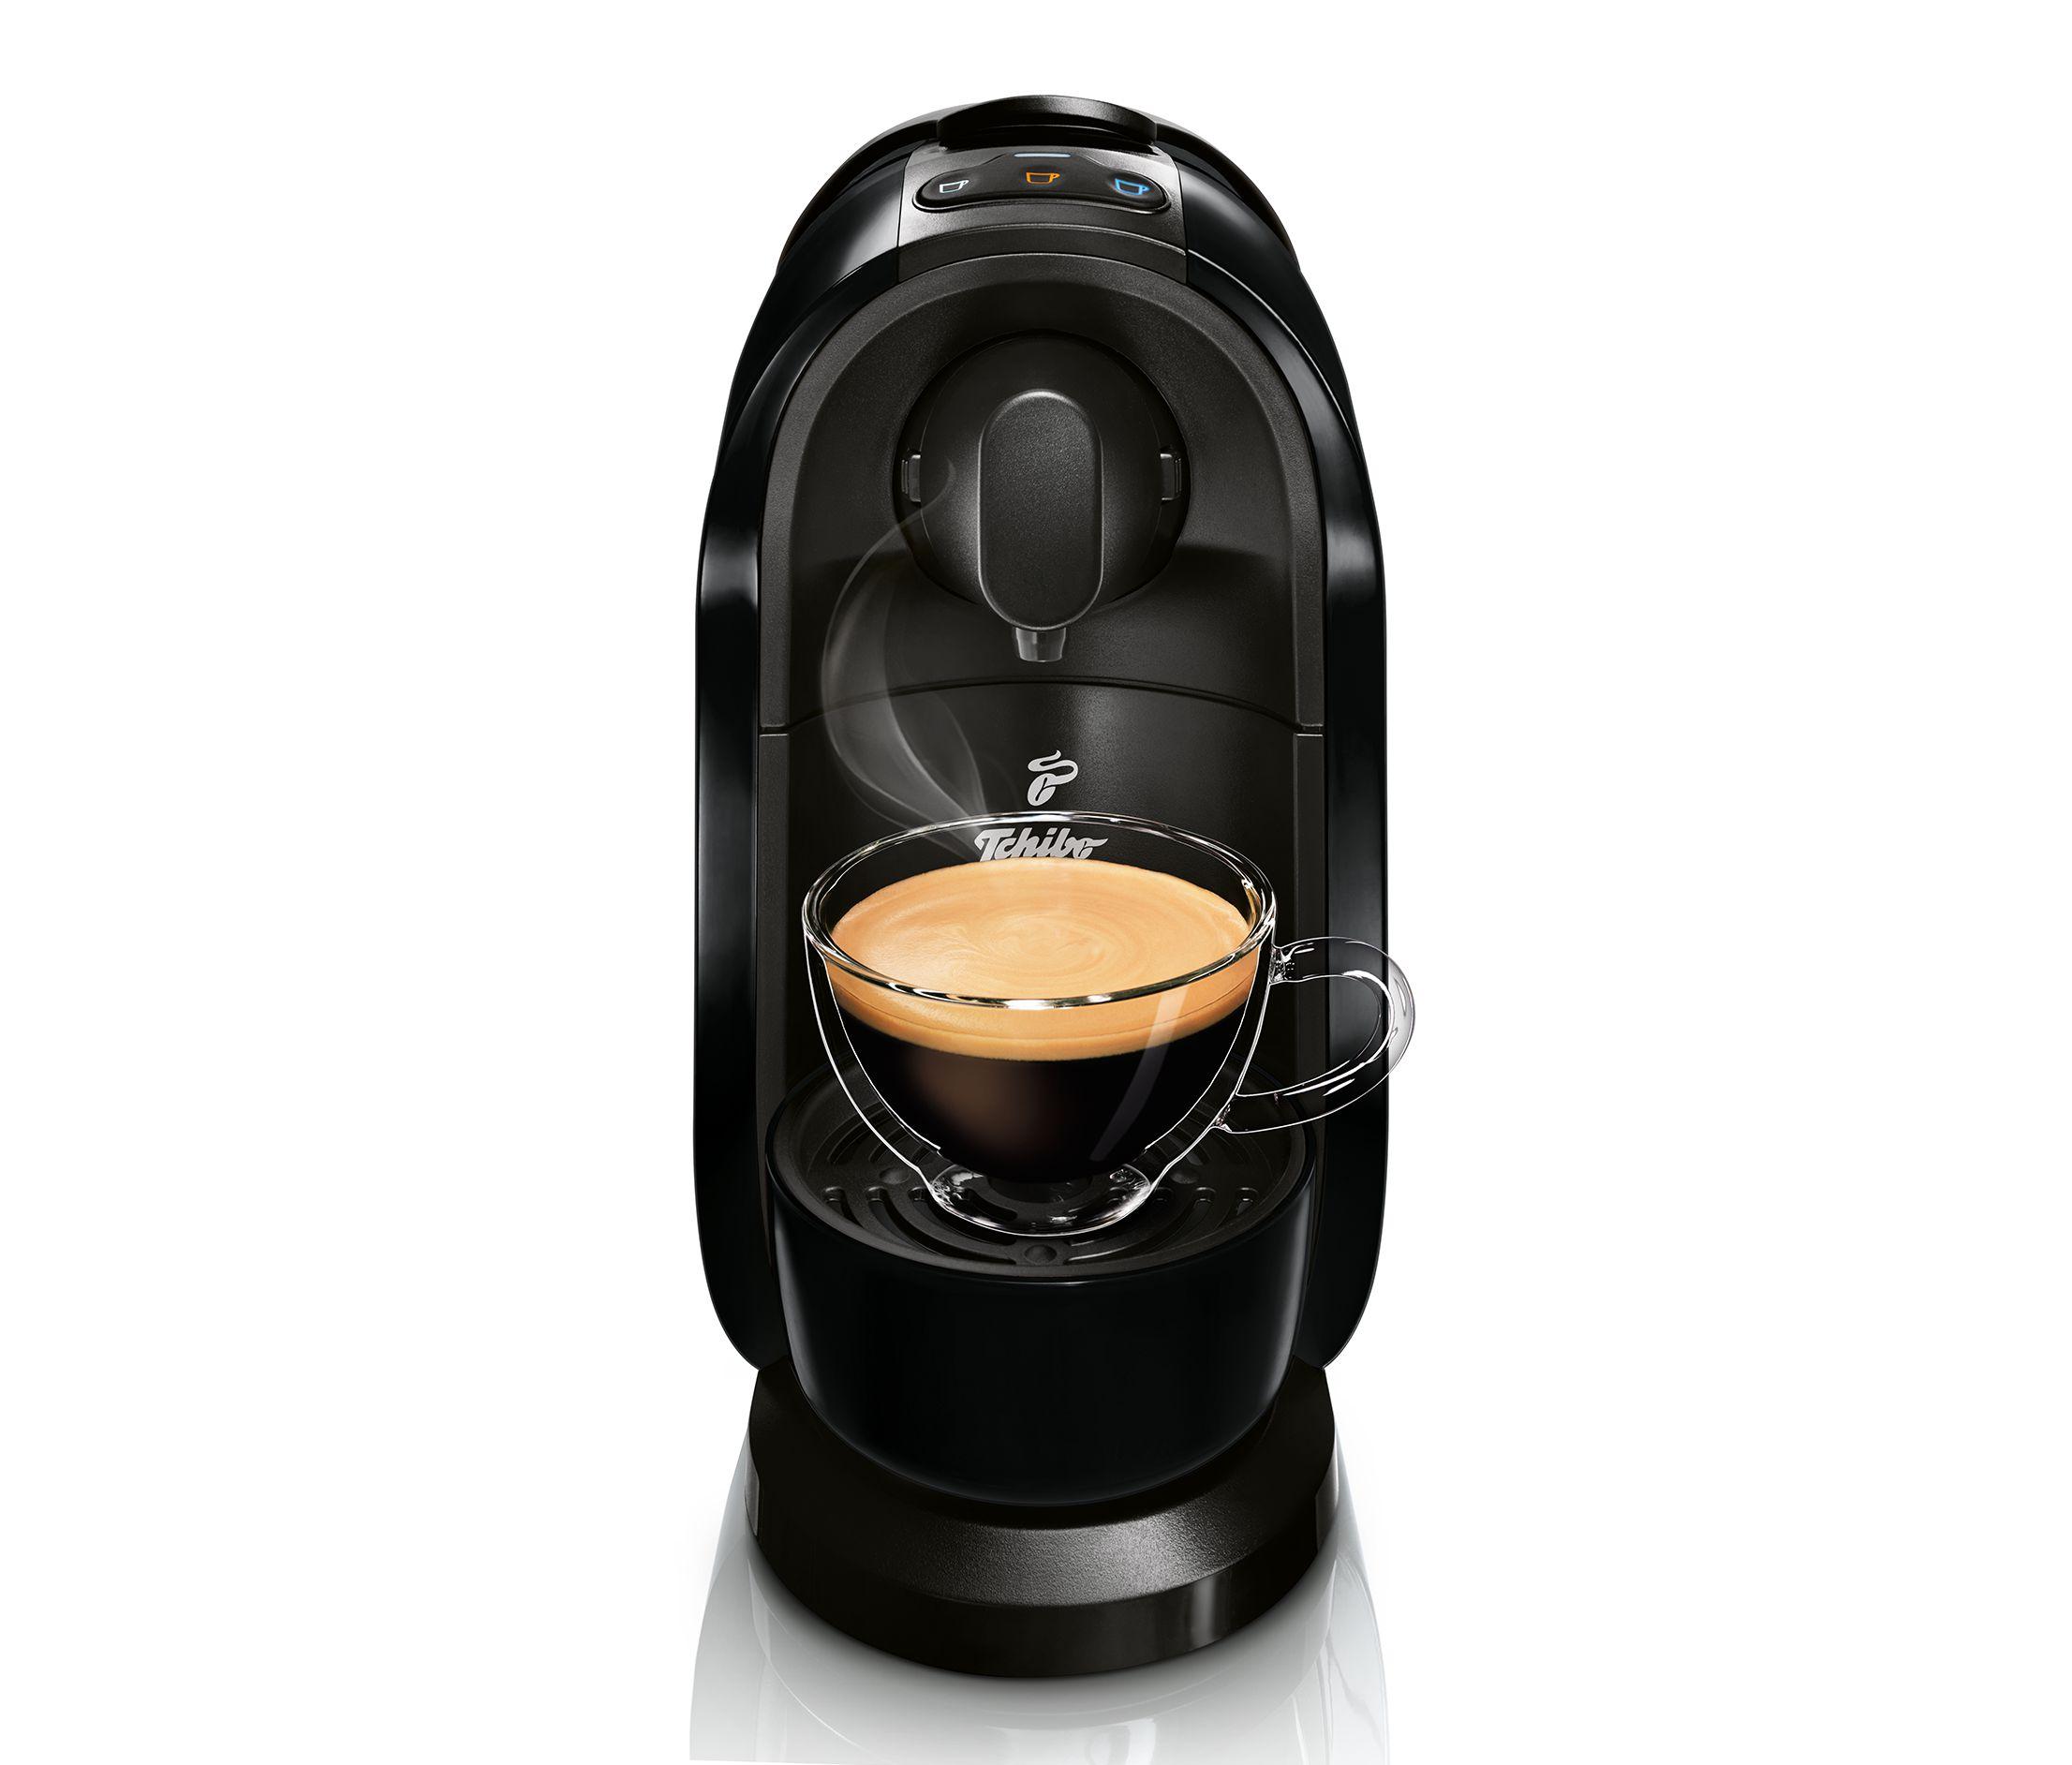 Tchibo Cafissimo Kaffeemaschine bei Eröffnung eines Tagesgeldkontos geschenkt bekommen